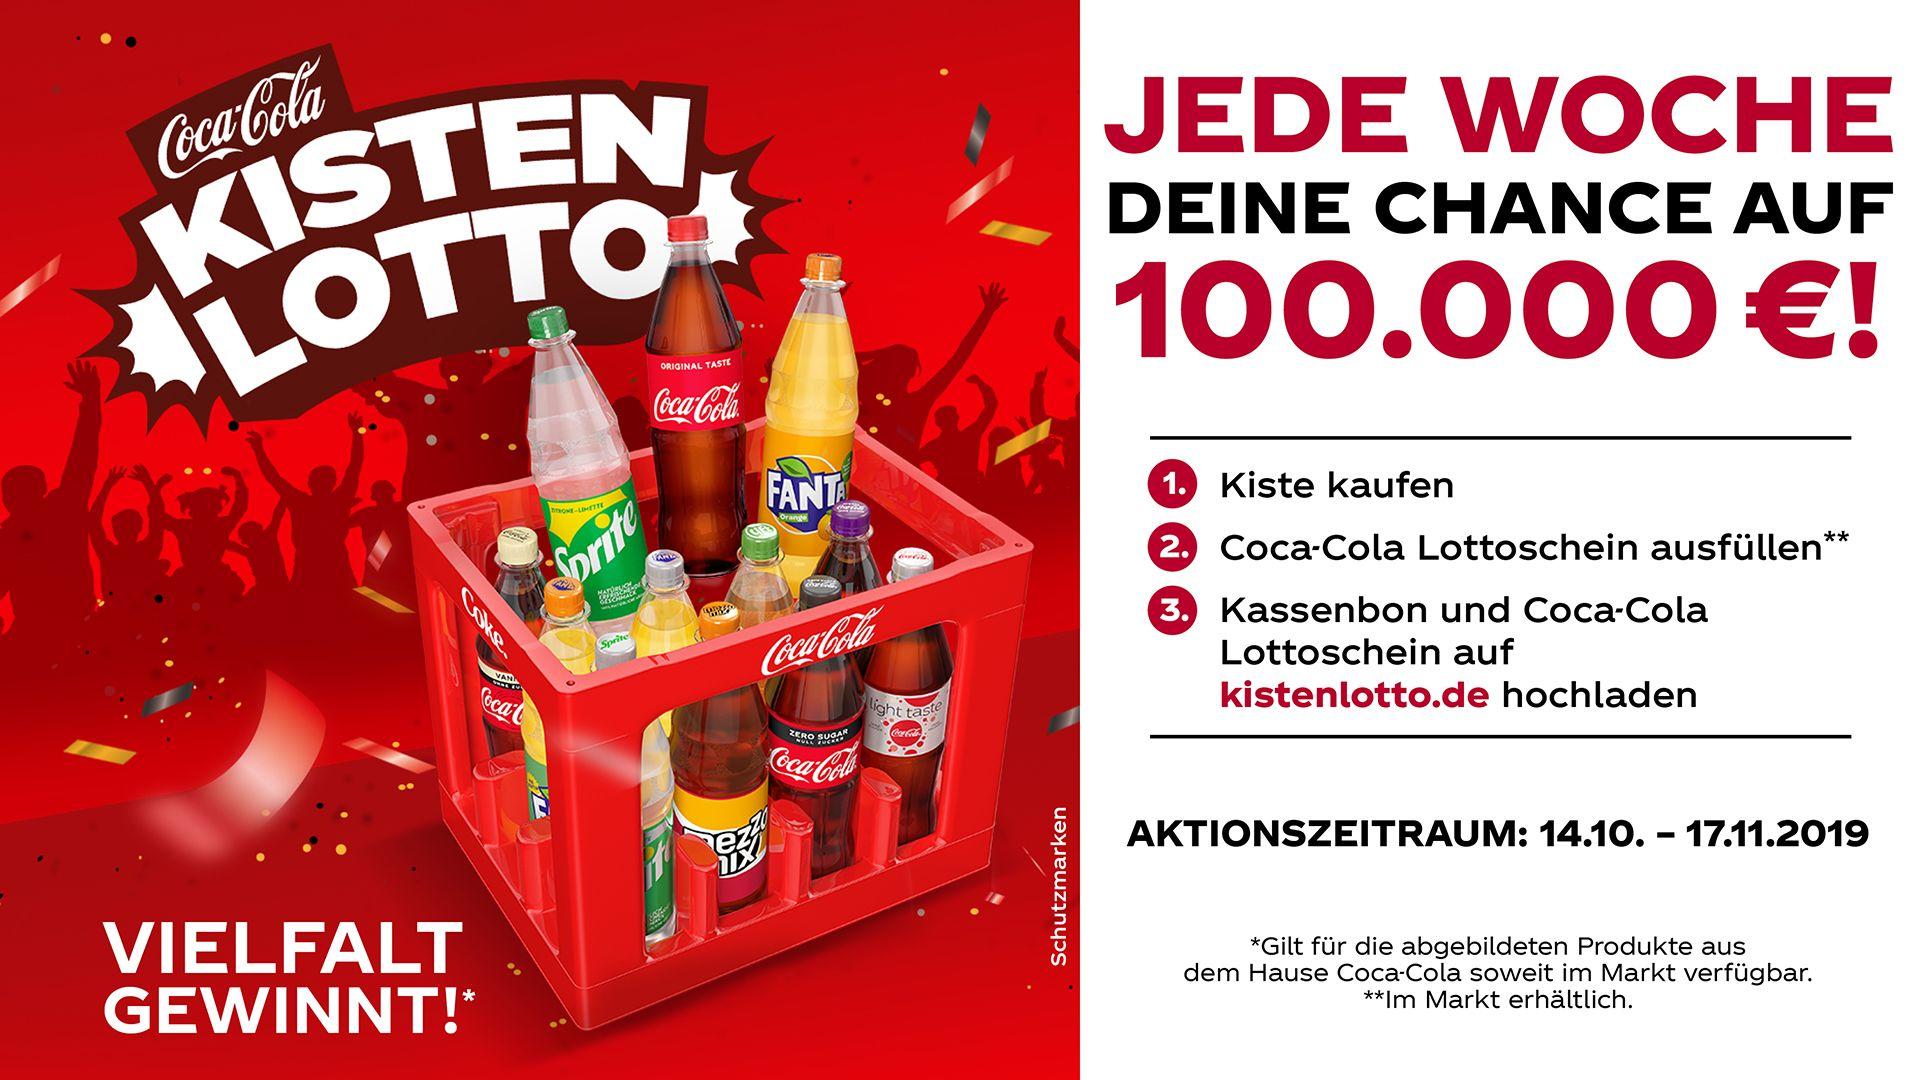 Gewinnspielbanner Coca Cola Kisten Lotto mit einer Kiste an Softgetränken wie Coca Cola, Fanta, Sprite, Mezzo Mix